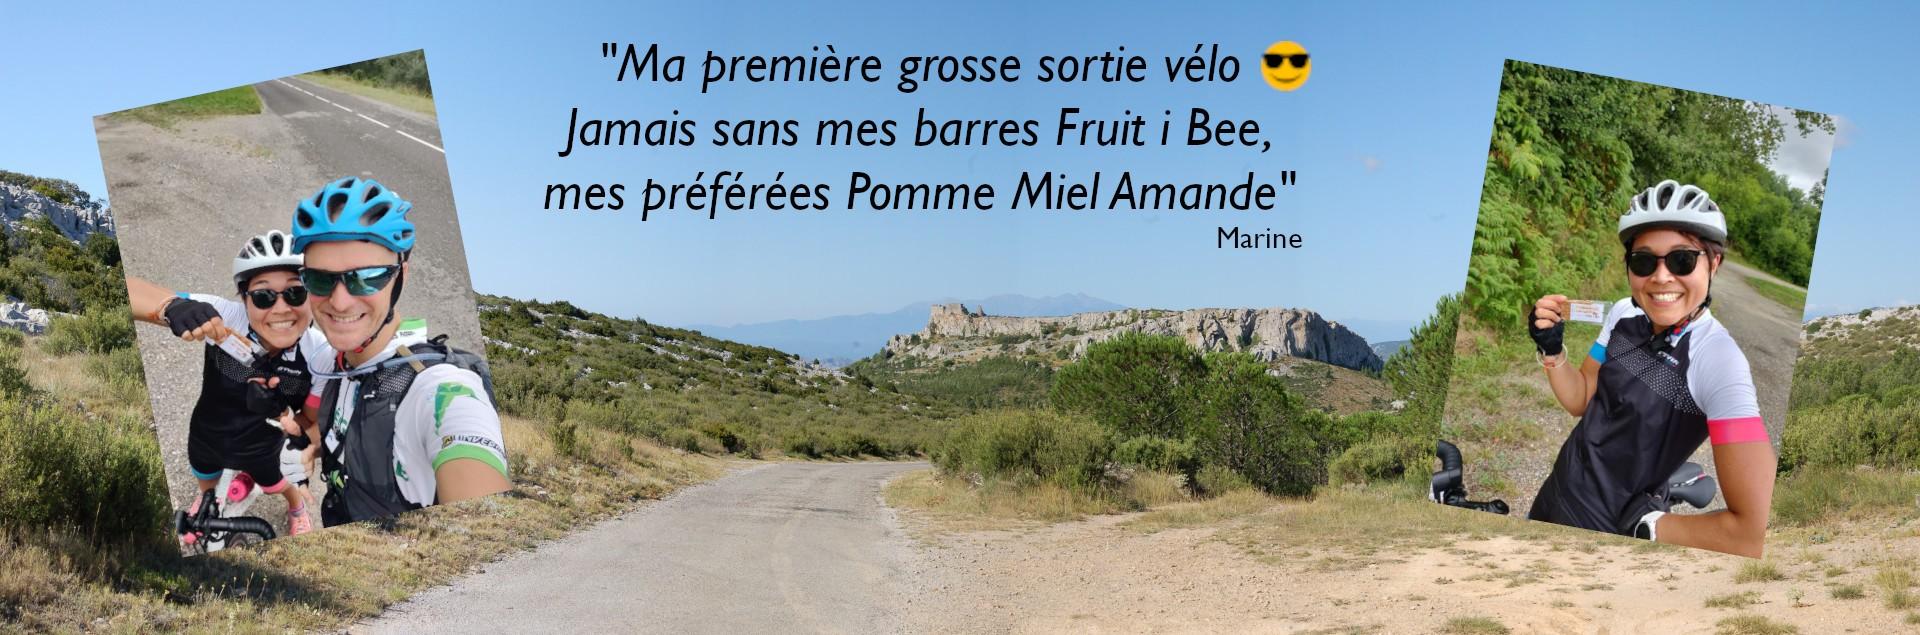 Fruit i Bee en sortie vélo